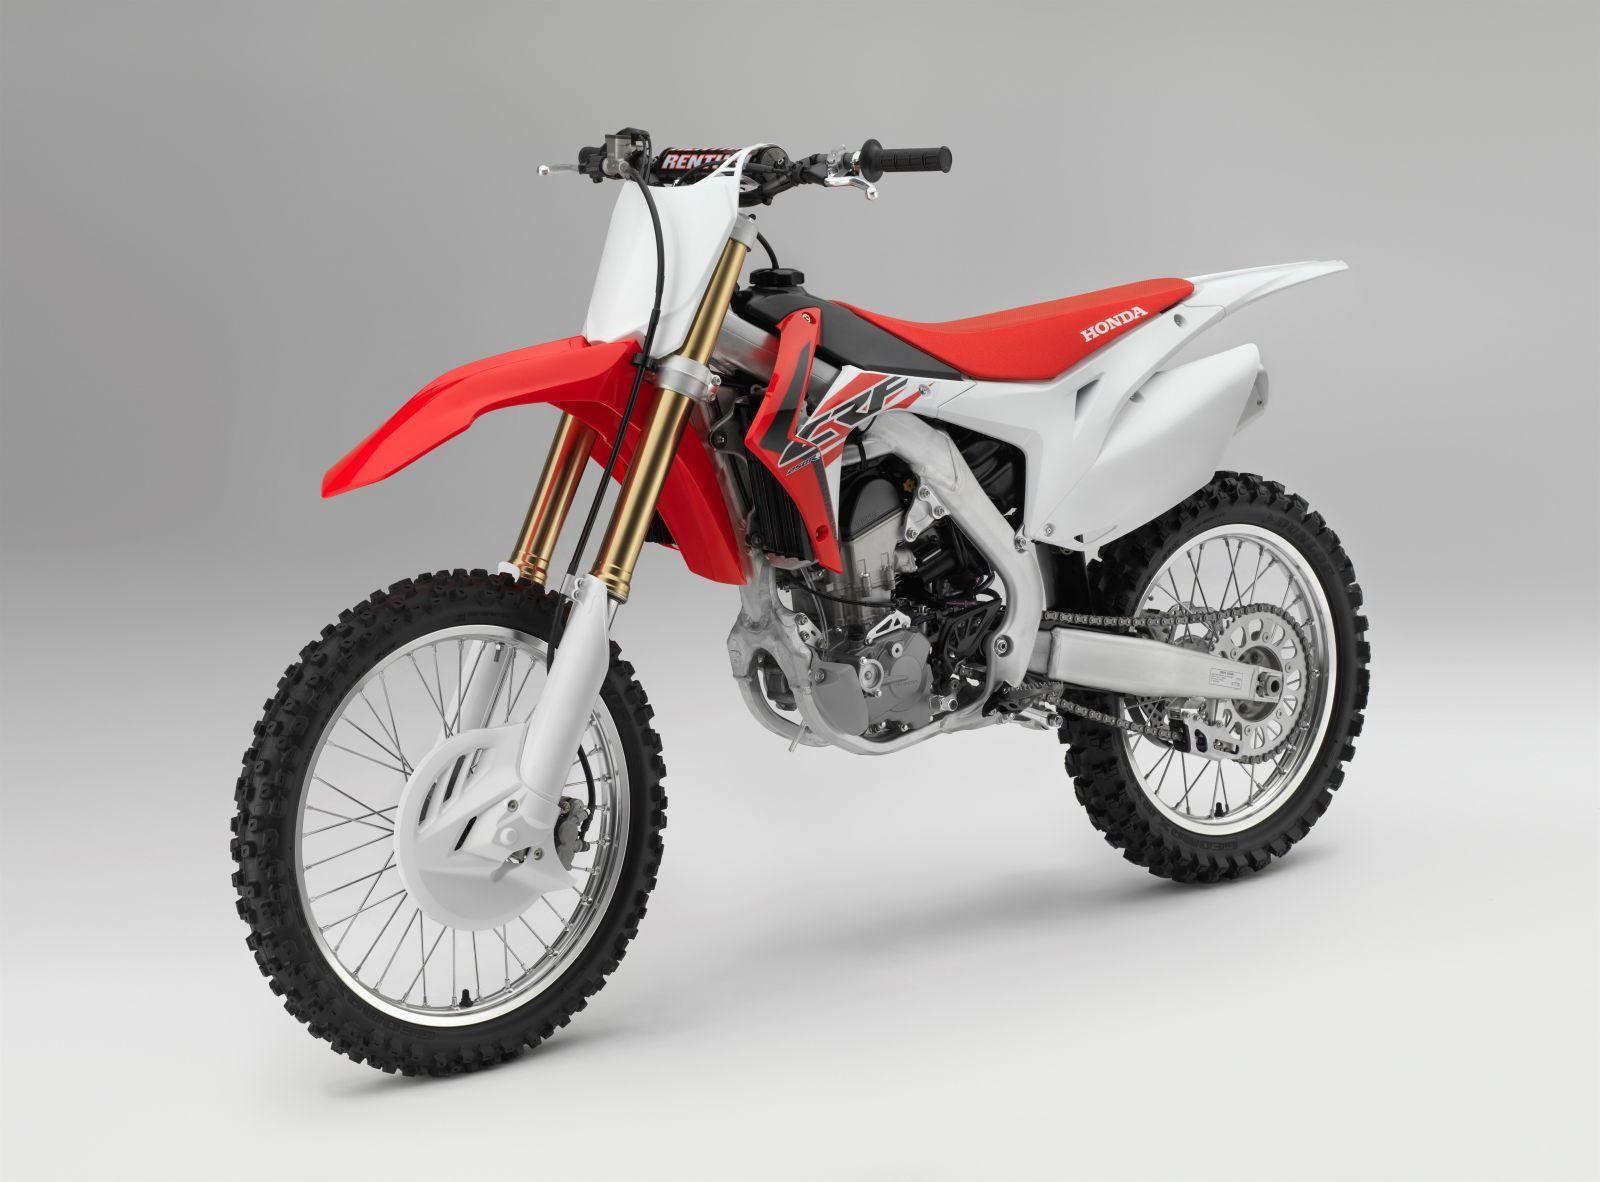 Новый кроссовый мотоцикл Honda CRF250R 2014 / Honda / БайкПост